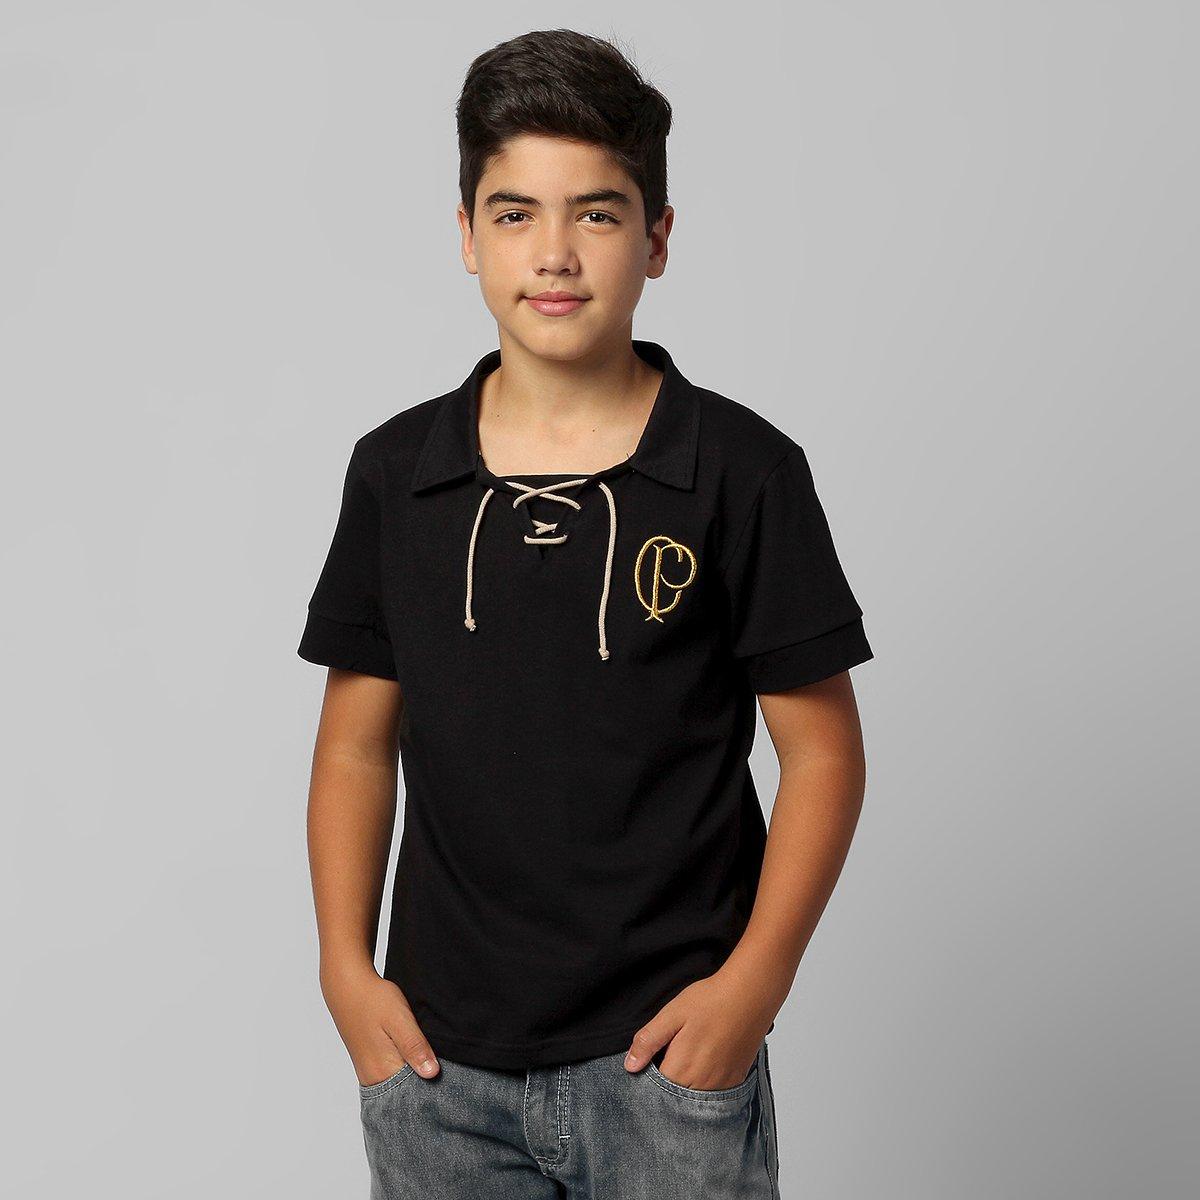 Camisa Polo Corinthians Retrô Juvenil - Compre Agora  4a7b588dba4c7